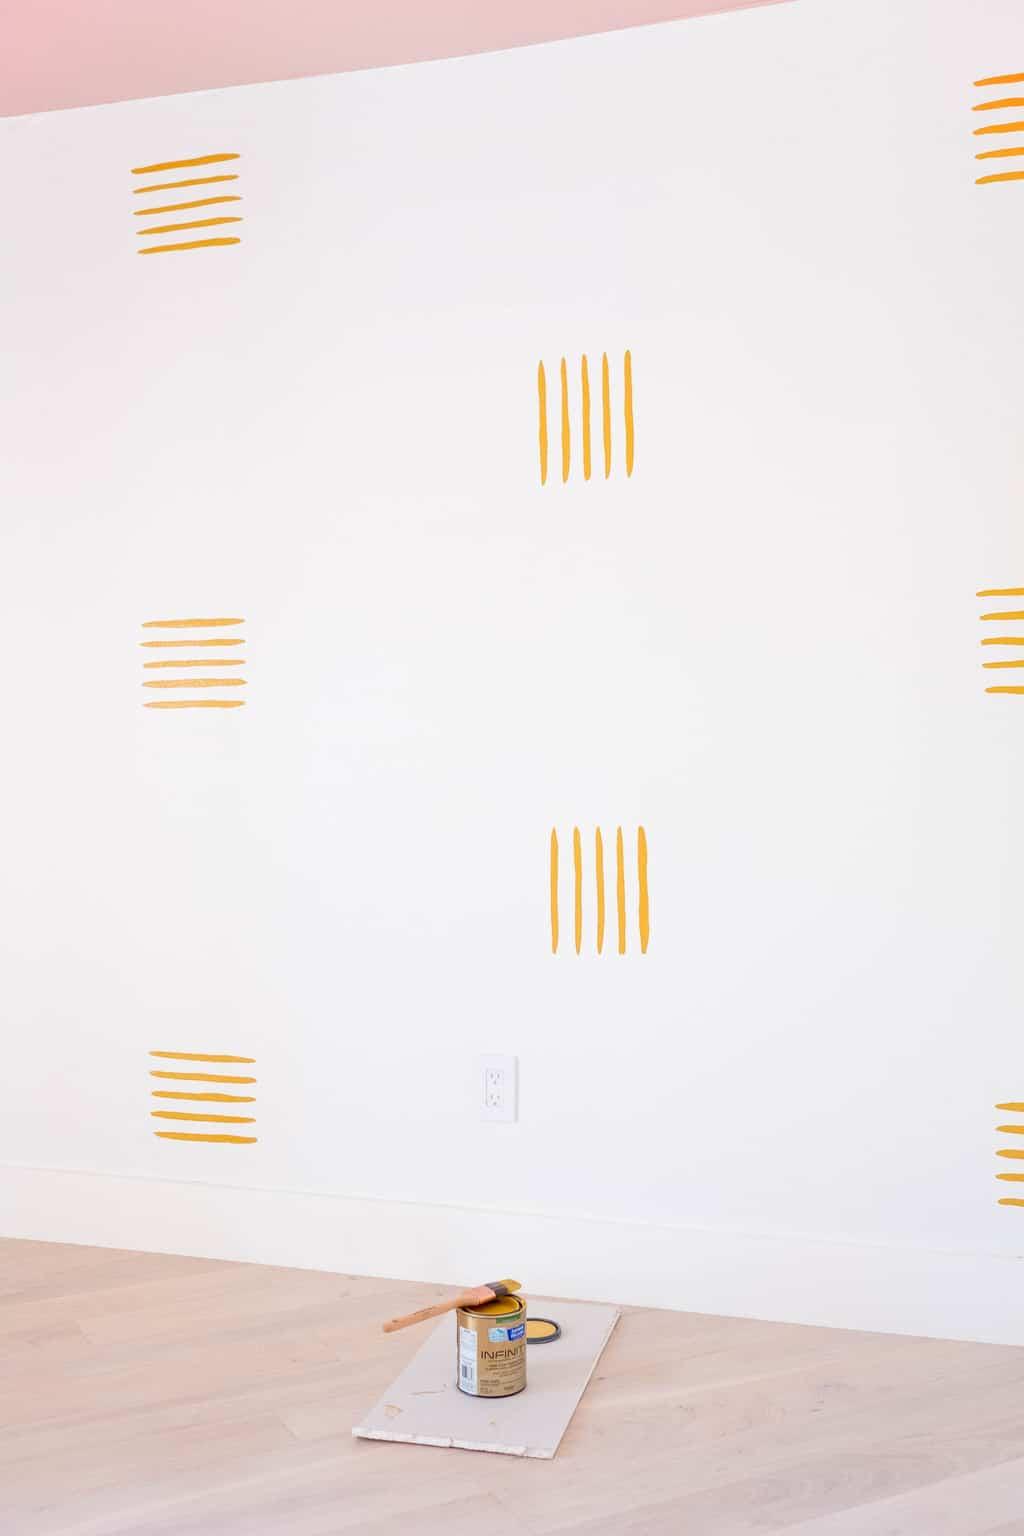 Vous voulez savoir comment peindre un mur d'accent qui est simple et emballe toujours une déclaration? Je partage le mode d'emploi de la rénovation de notre chambre d'amis et du mur de déclaration et c'est si facile à faire! par le blogueur de mode de vie de Houston Ashley Rose of Sugar & Cloth #design #interiors #decor #homedecor #makeover